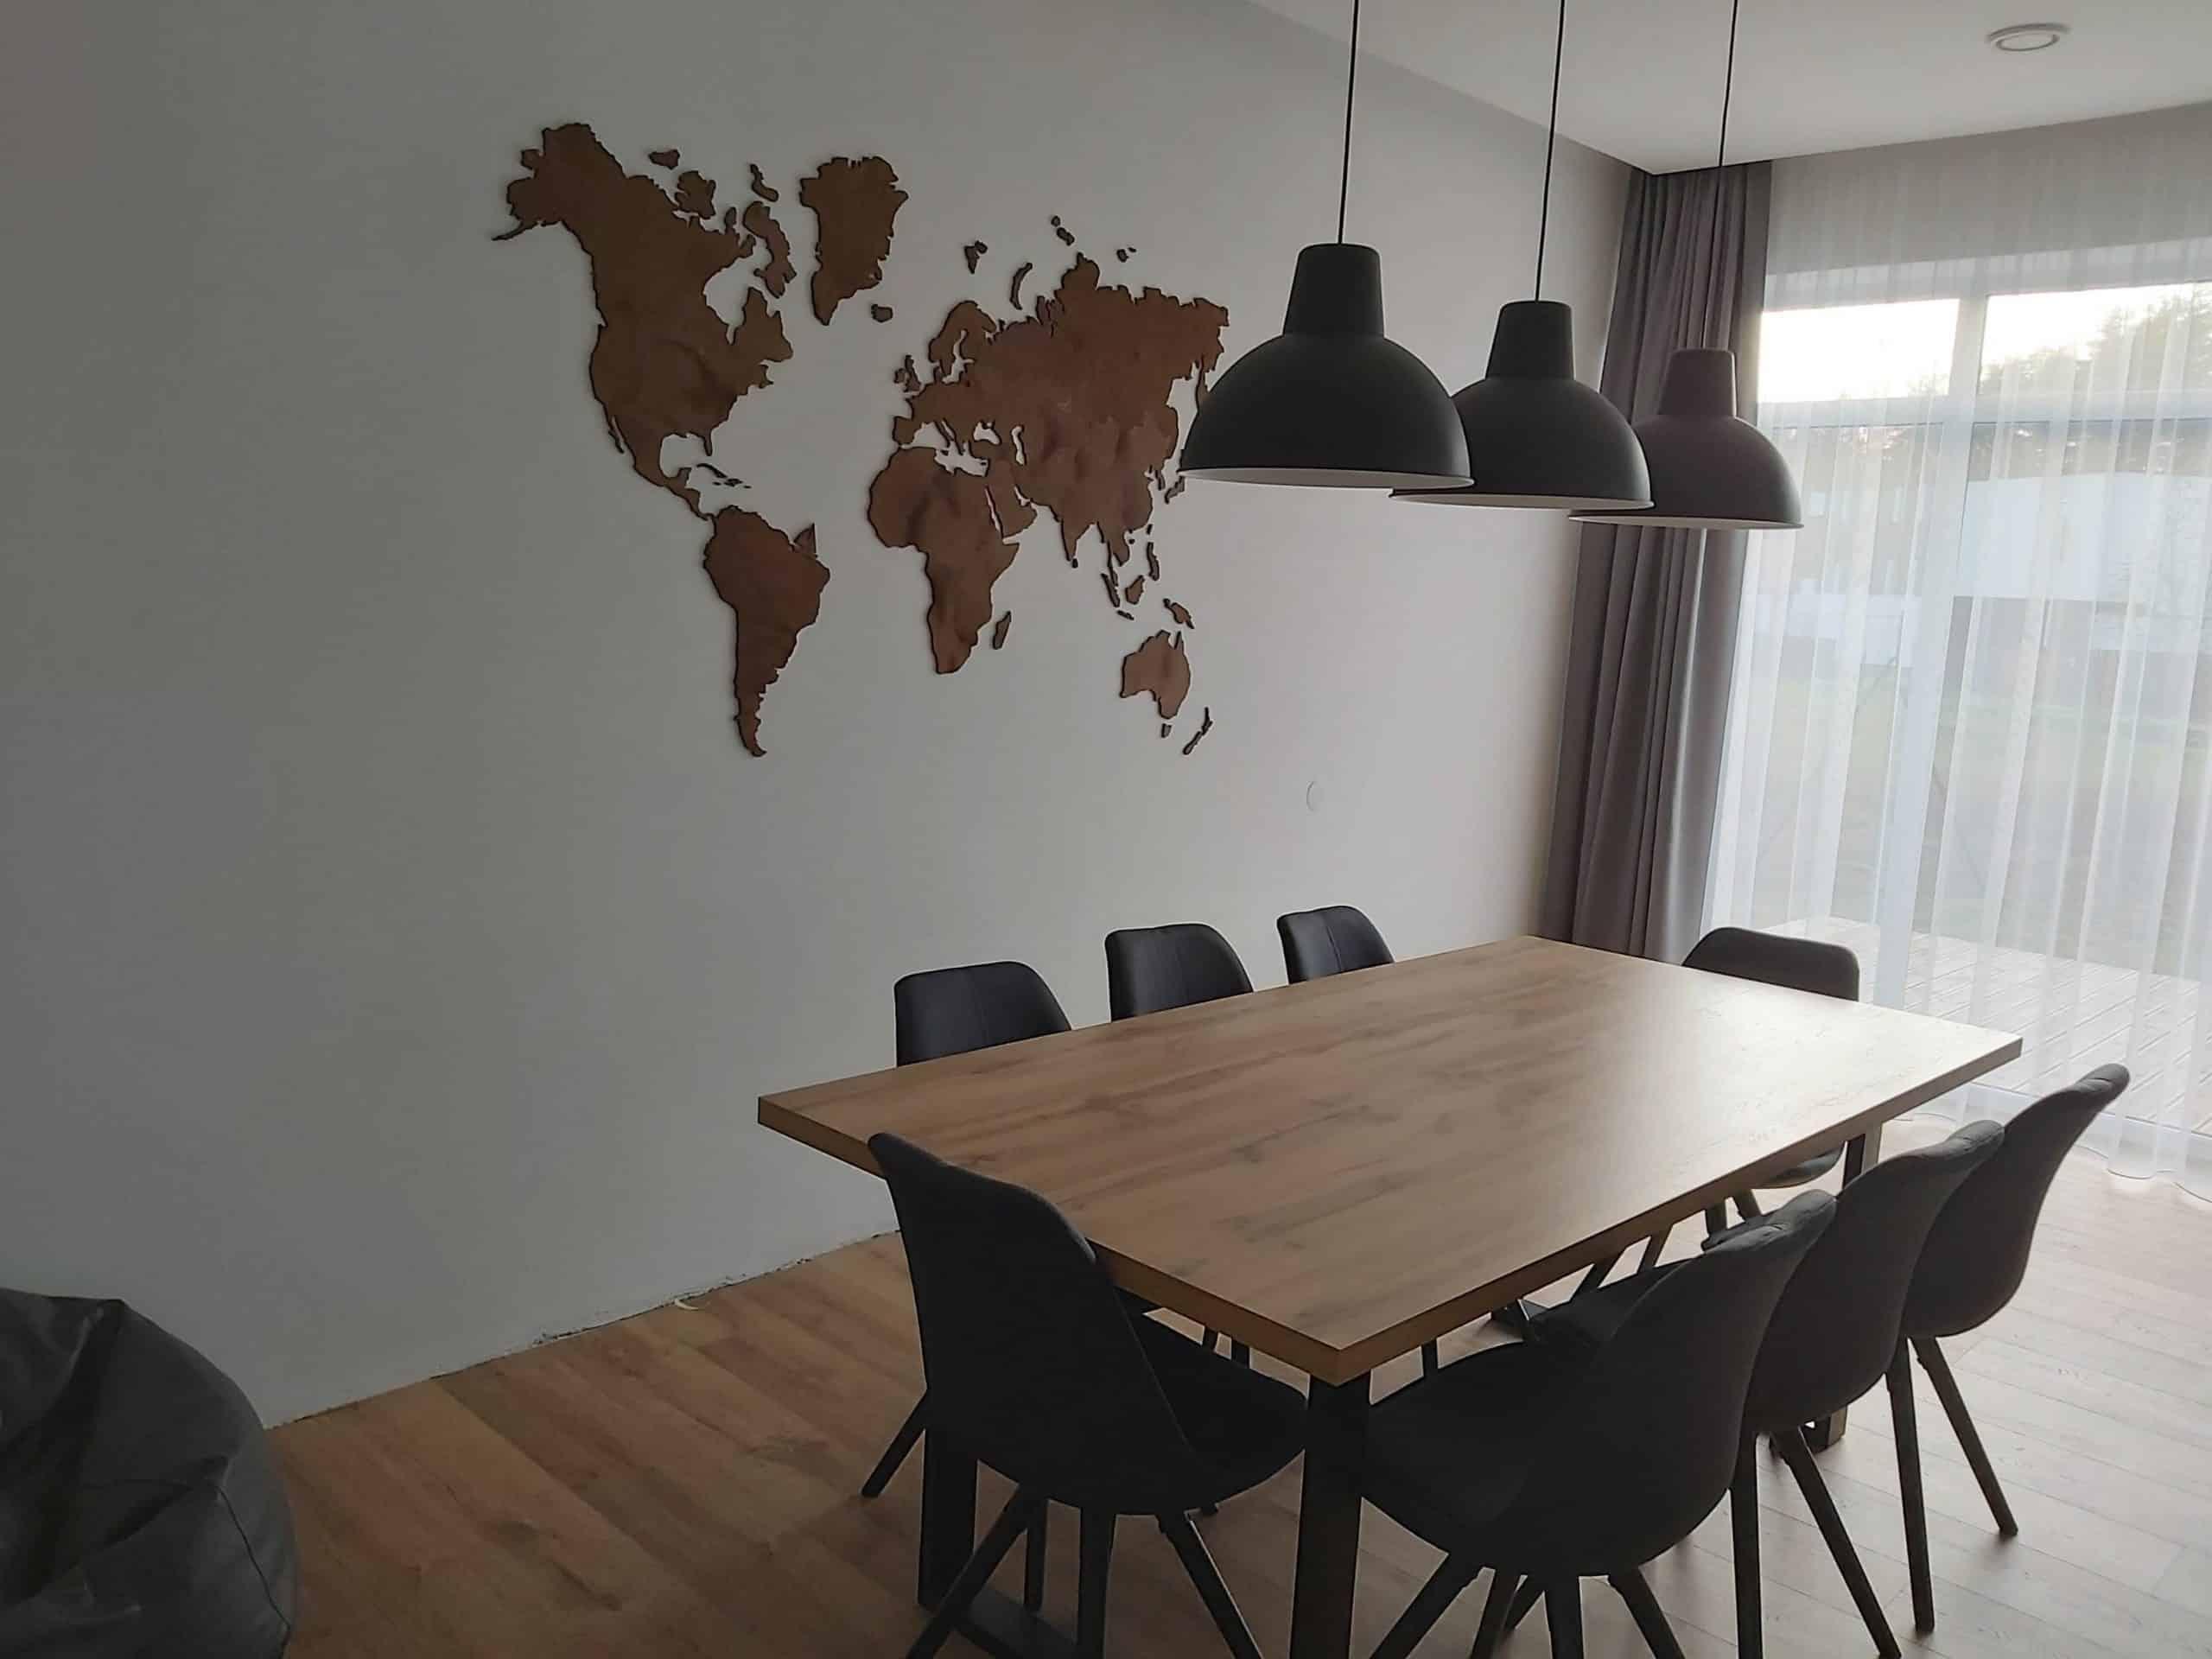 Medinis pasaulio žemėlapis kabinamas ant sienos. Darbo pavyzdys